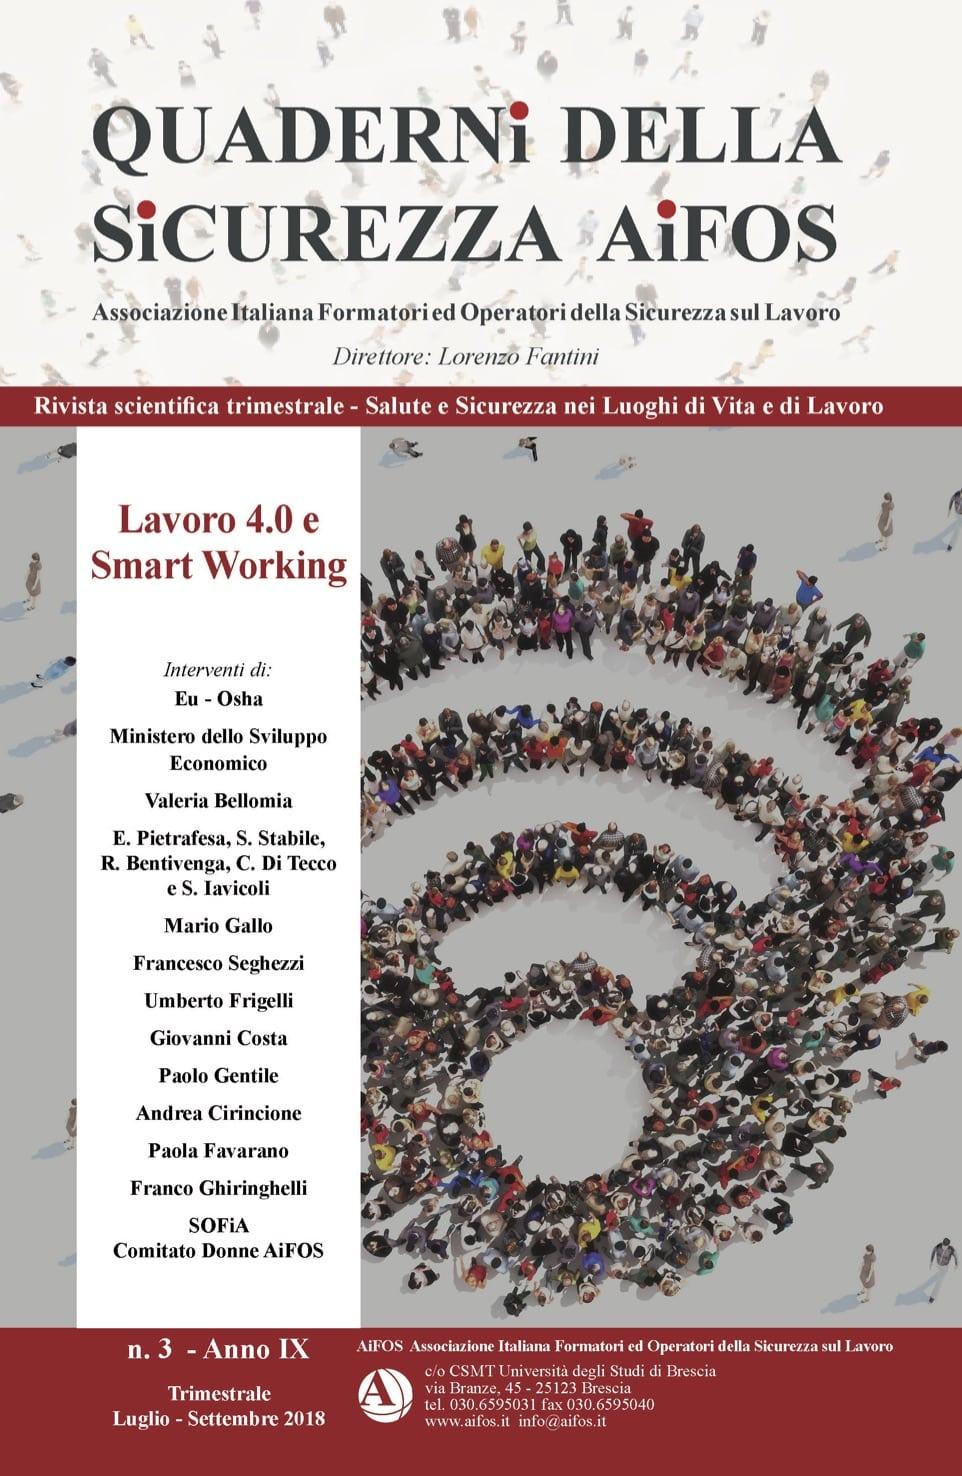 Lavoro 4.0 e Smart Working